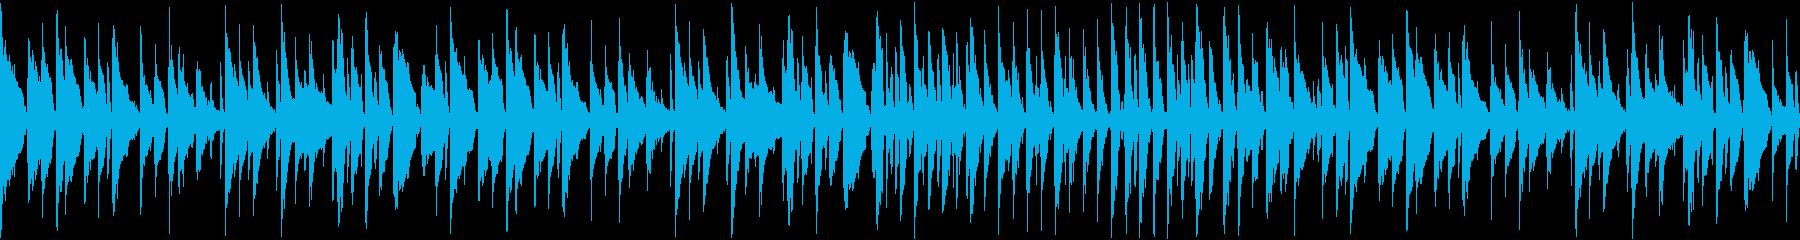 あのクリスマスの名曲をジャズで4(ループの再生済みの波形